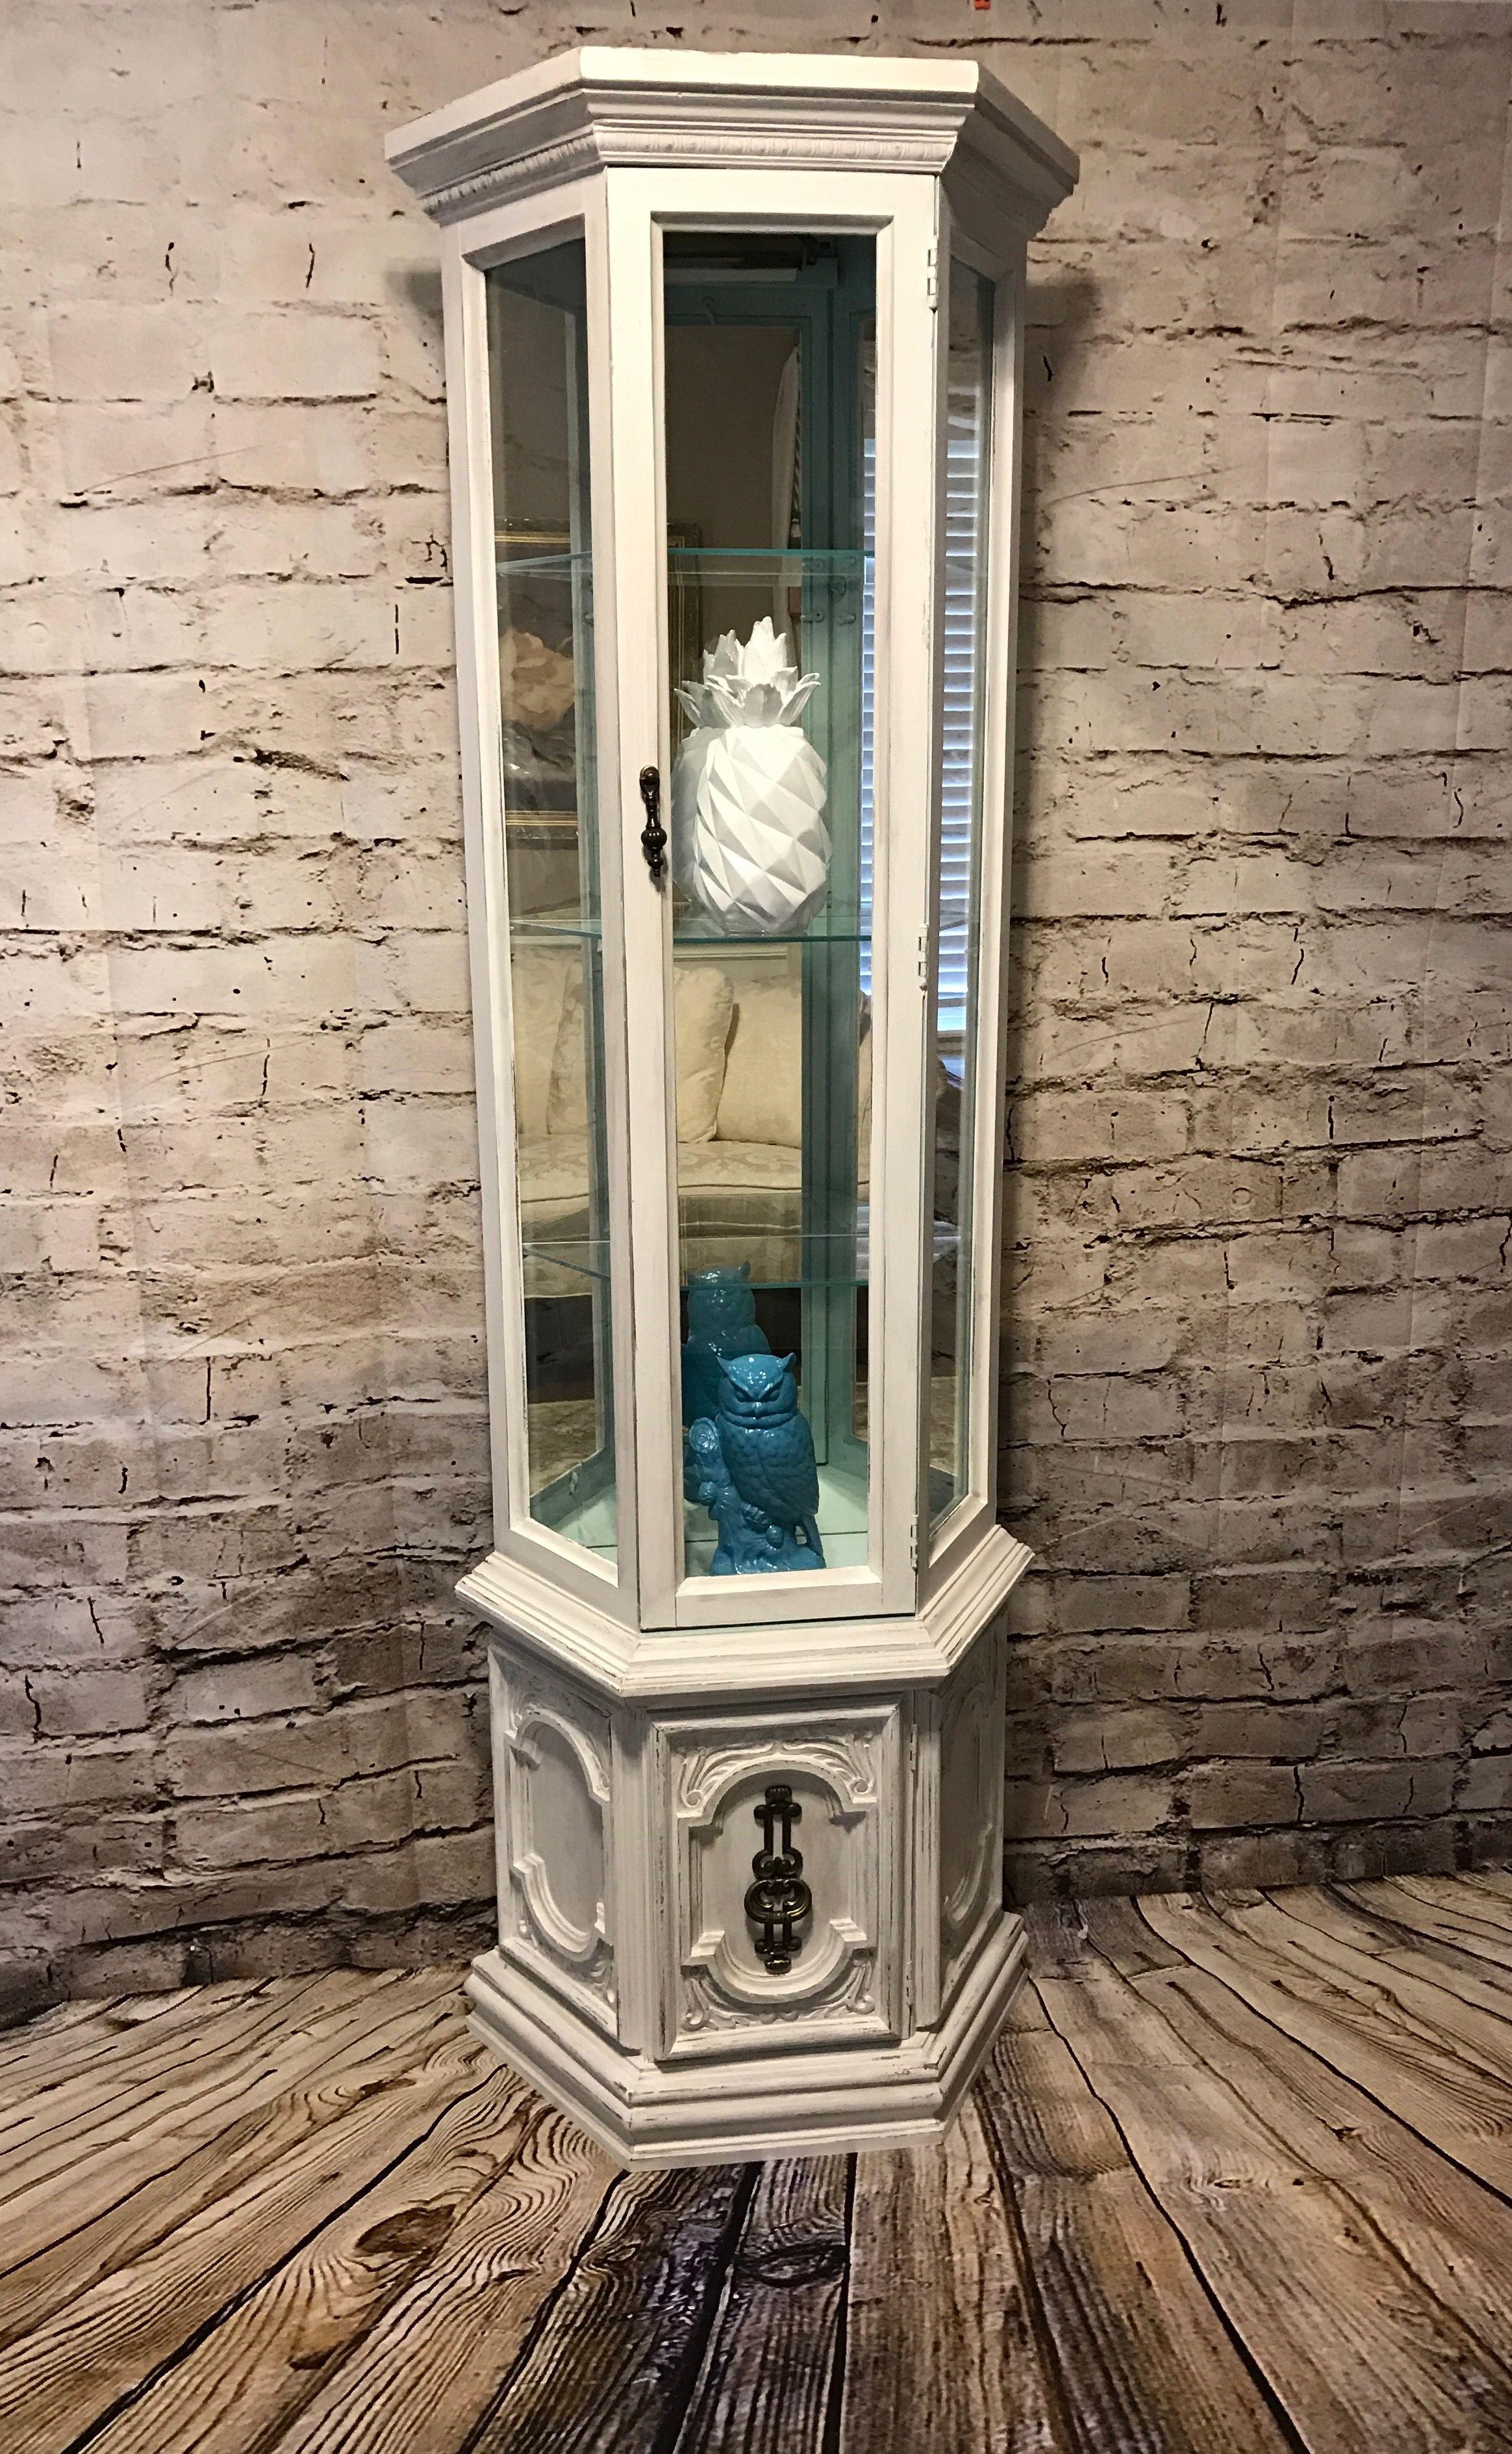 Vintage Curio Cabinet Painted Curio Cabinets, Diy Cabinets, China Cabinets,  Painting Cabinets,